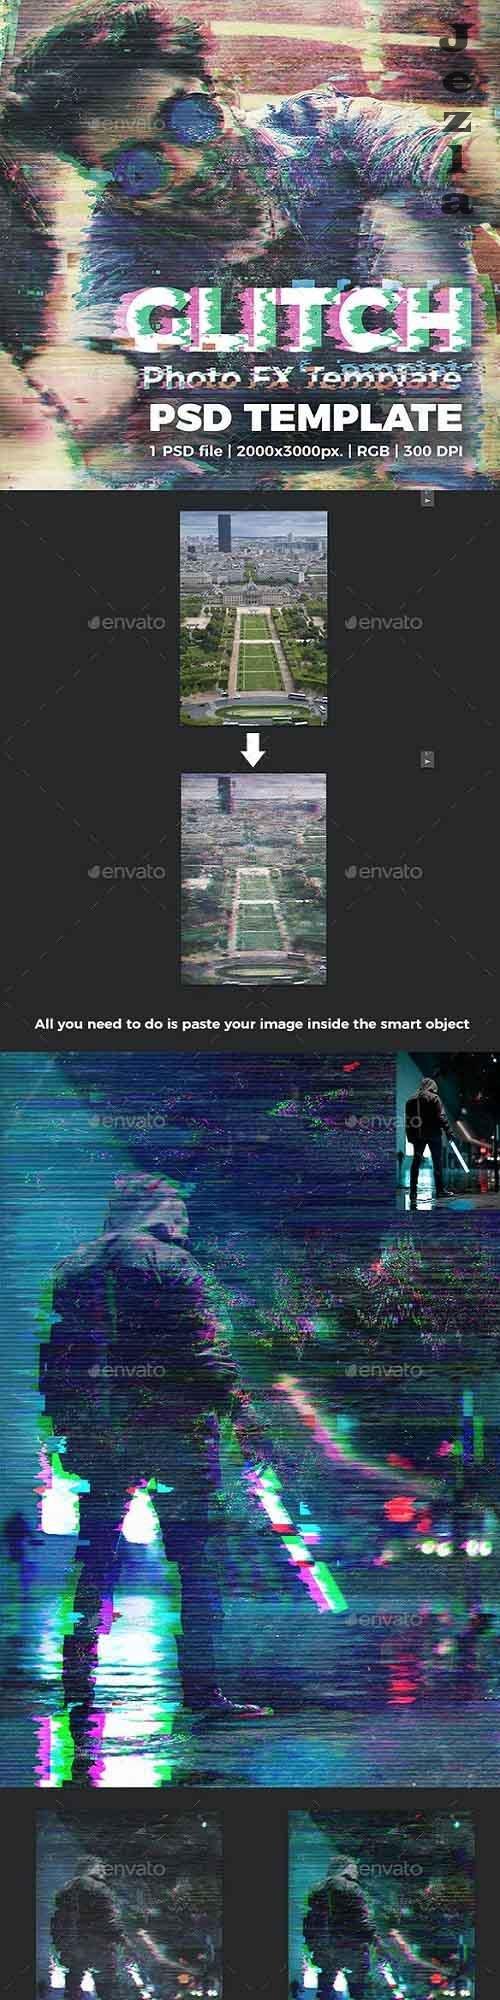 Glitch Photo FX Template 27055358